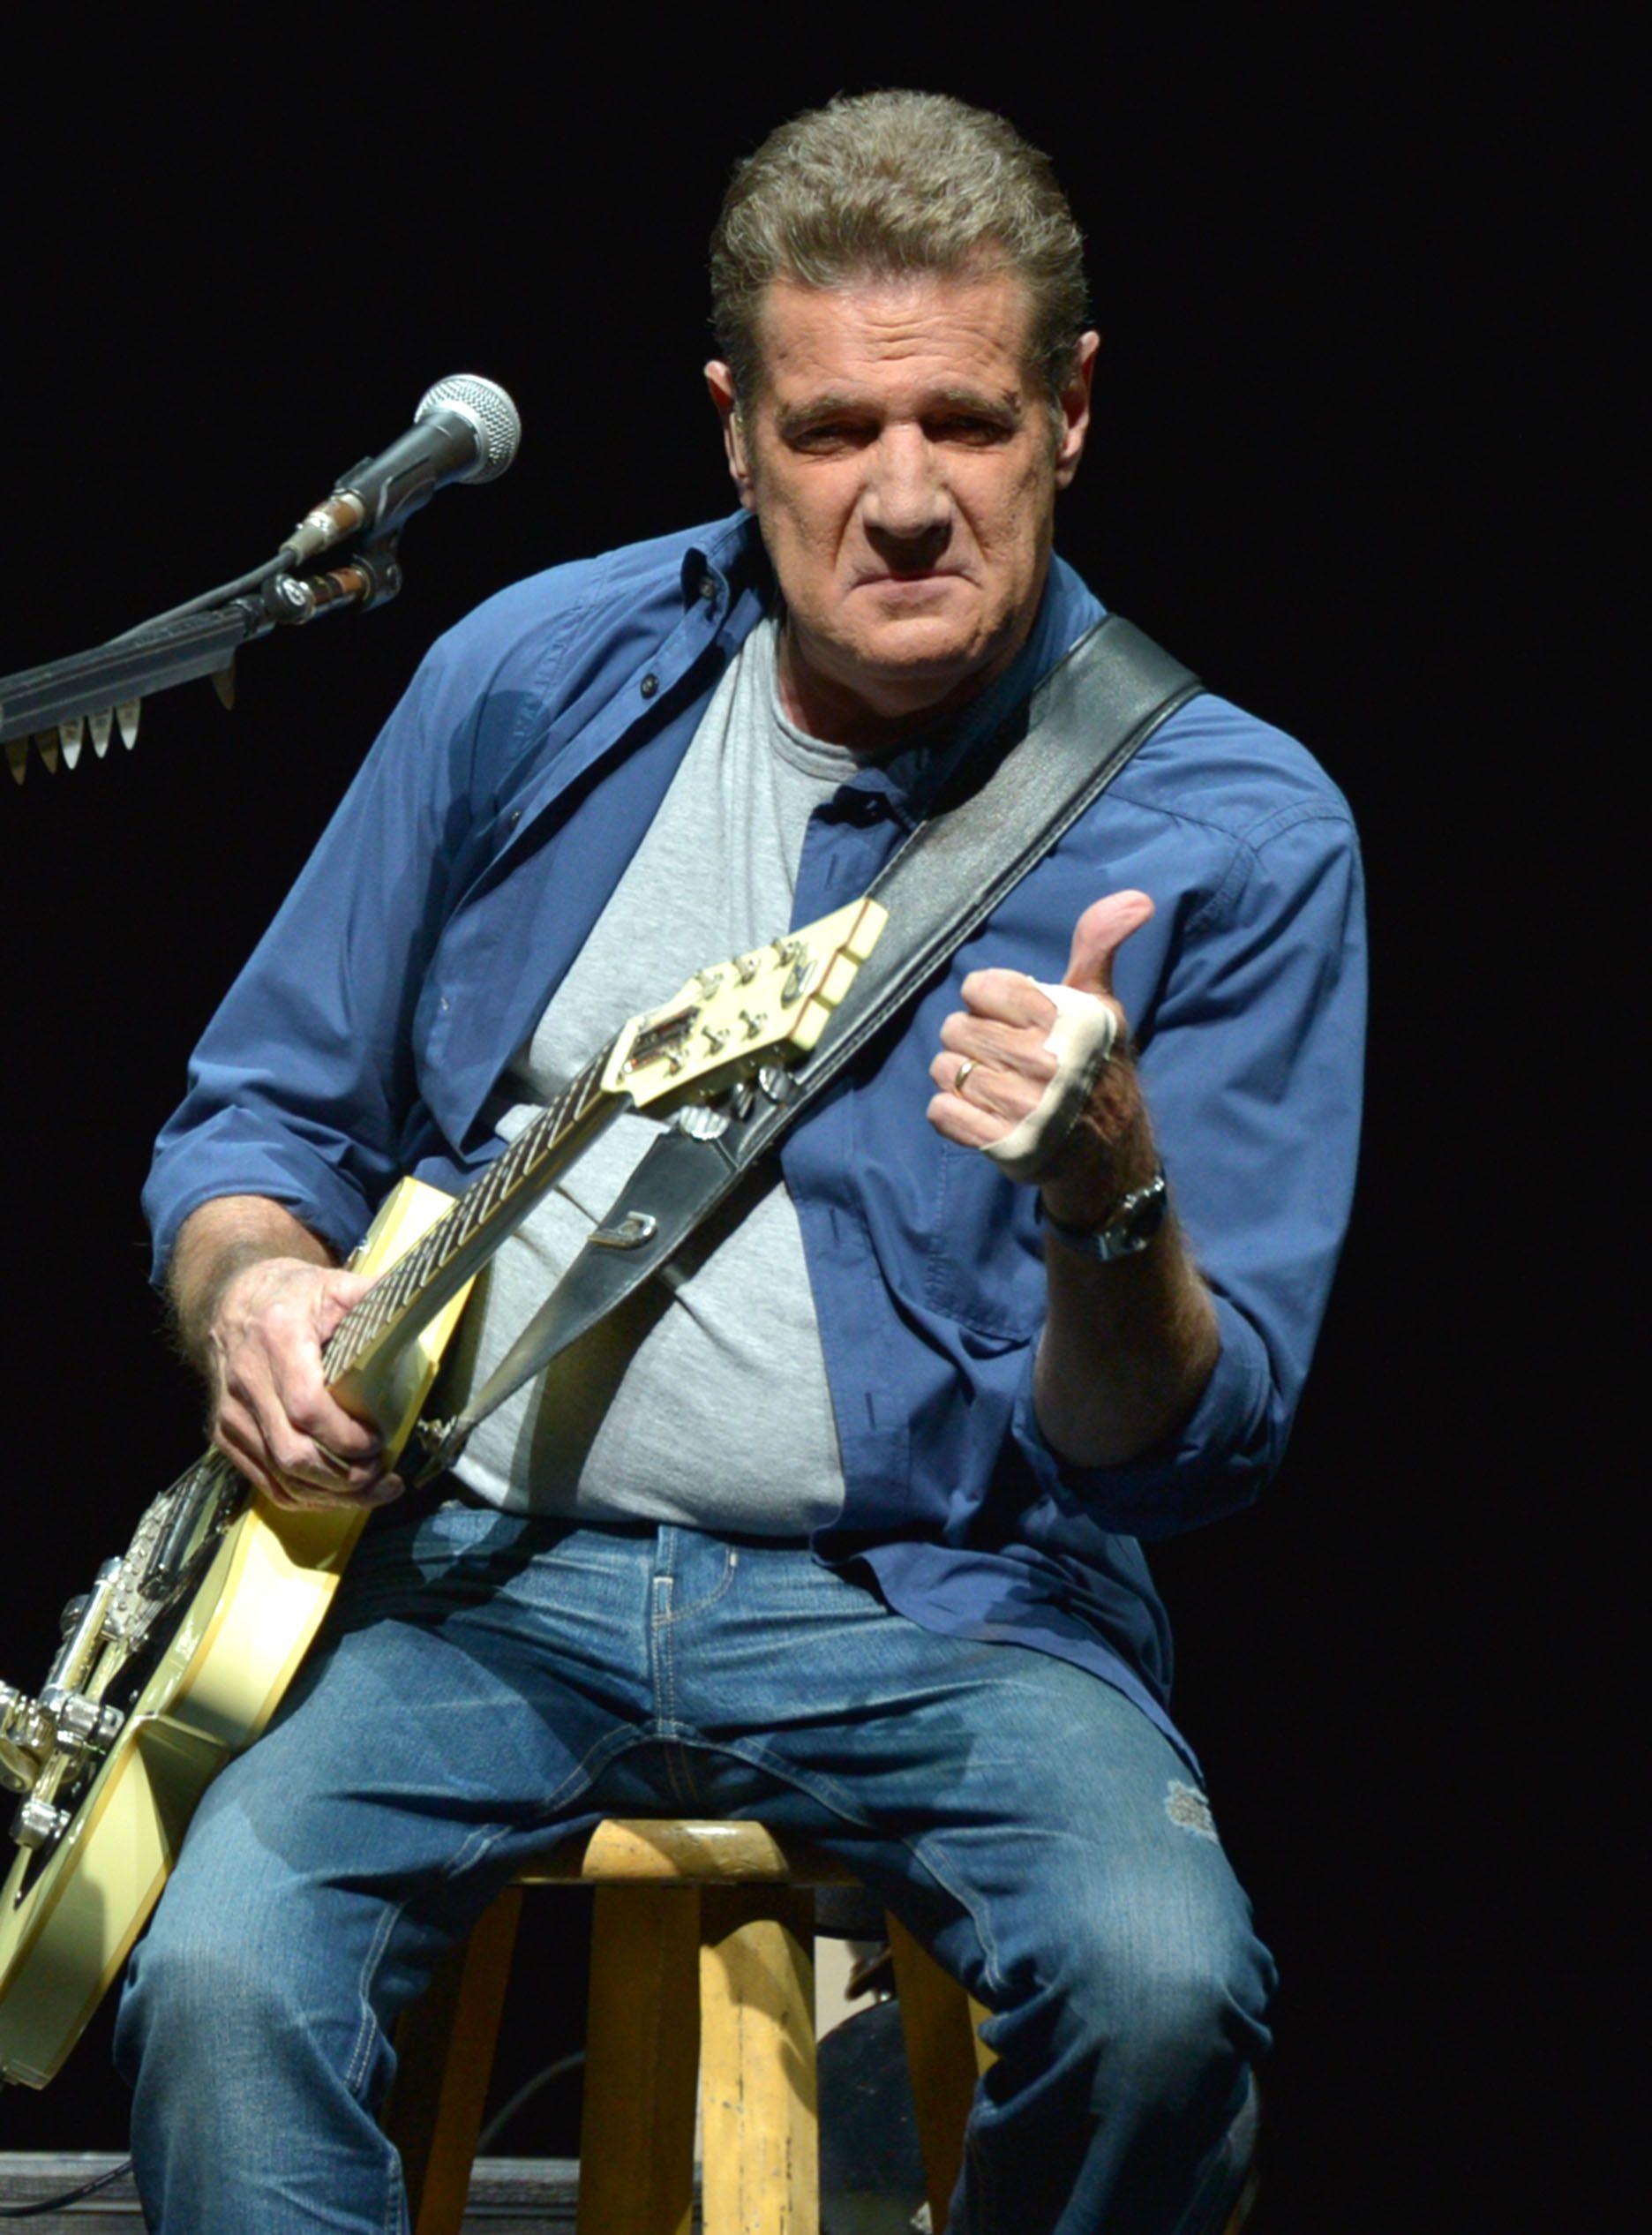 Eagles guitarist Glenn Frey dies at 67 in 2020 Glenn